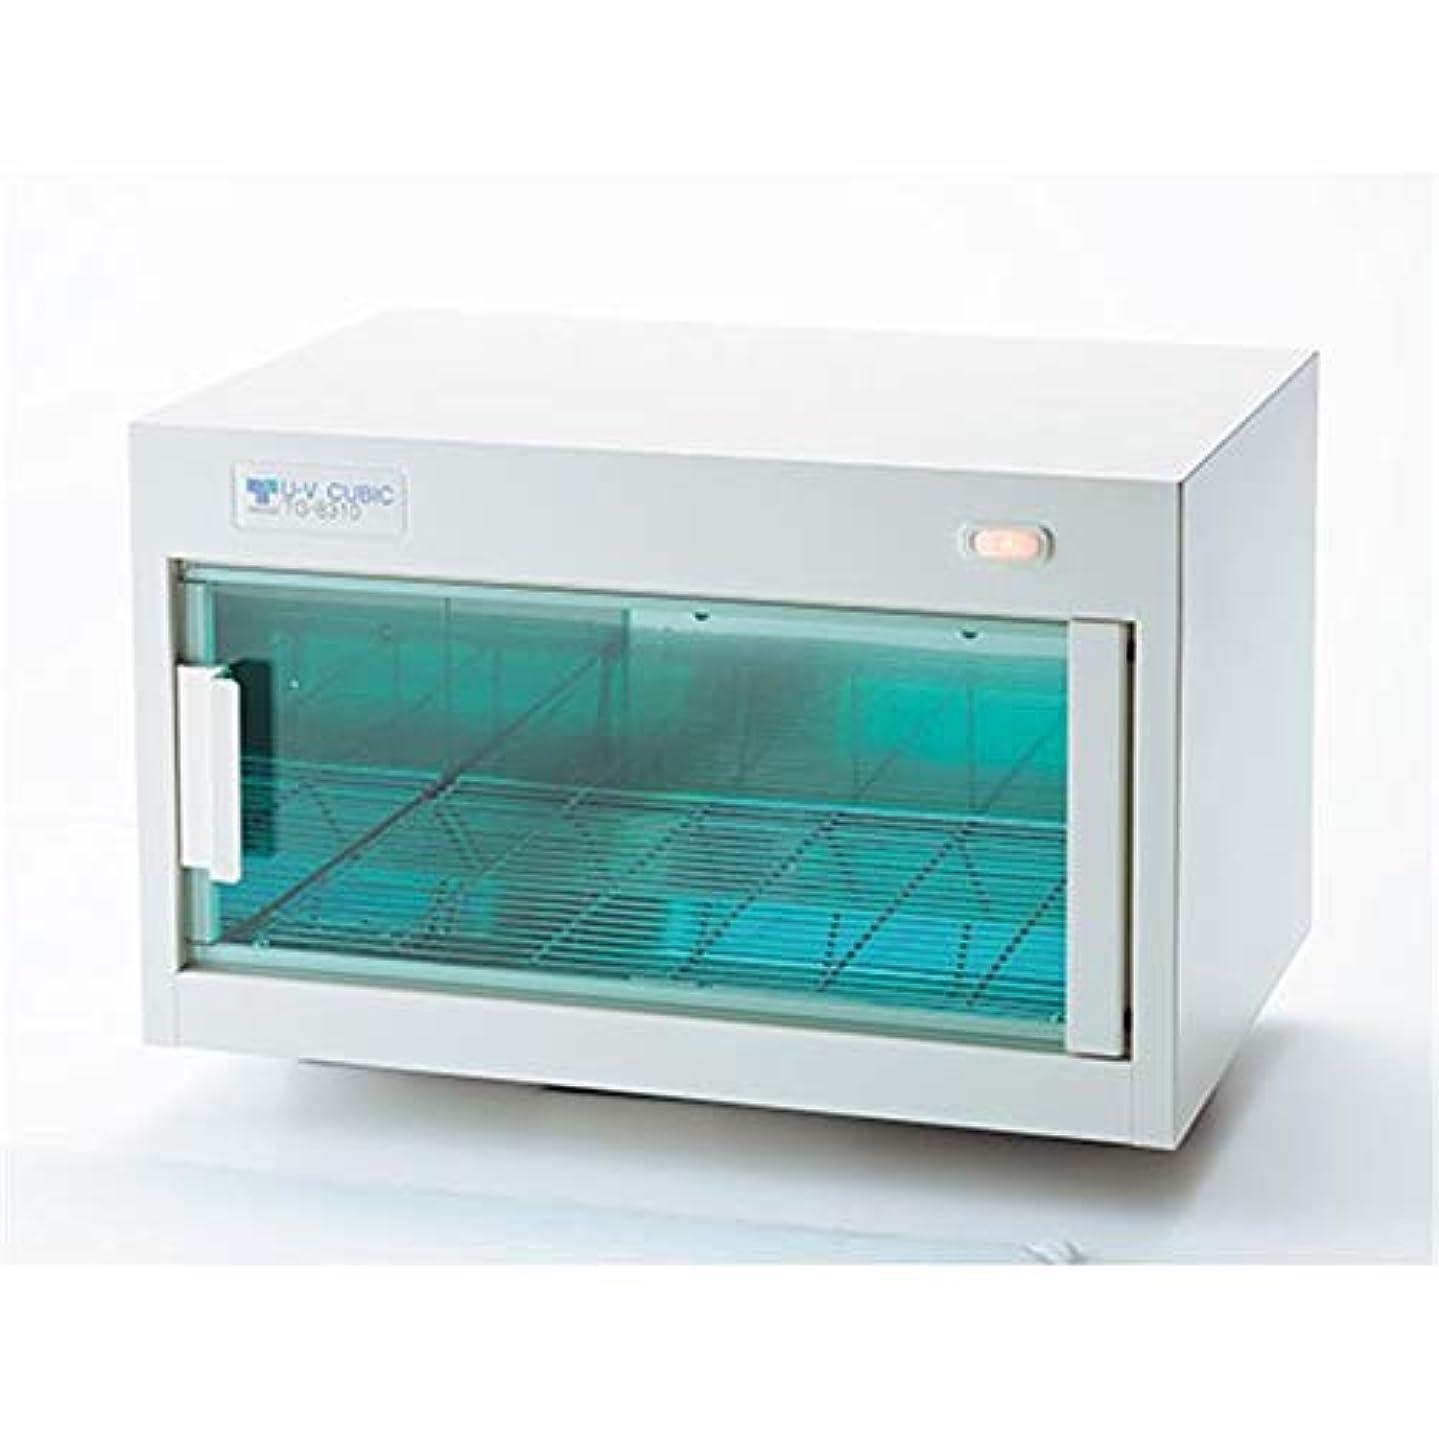 UVキュービック TG-8311 タイマー付 60Hz